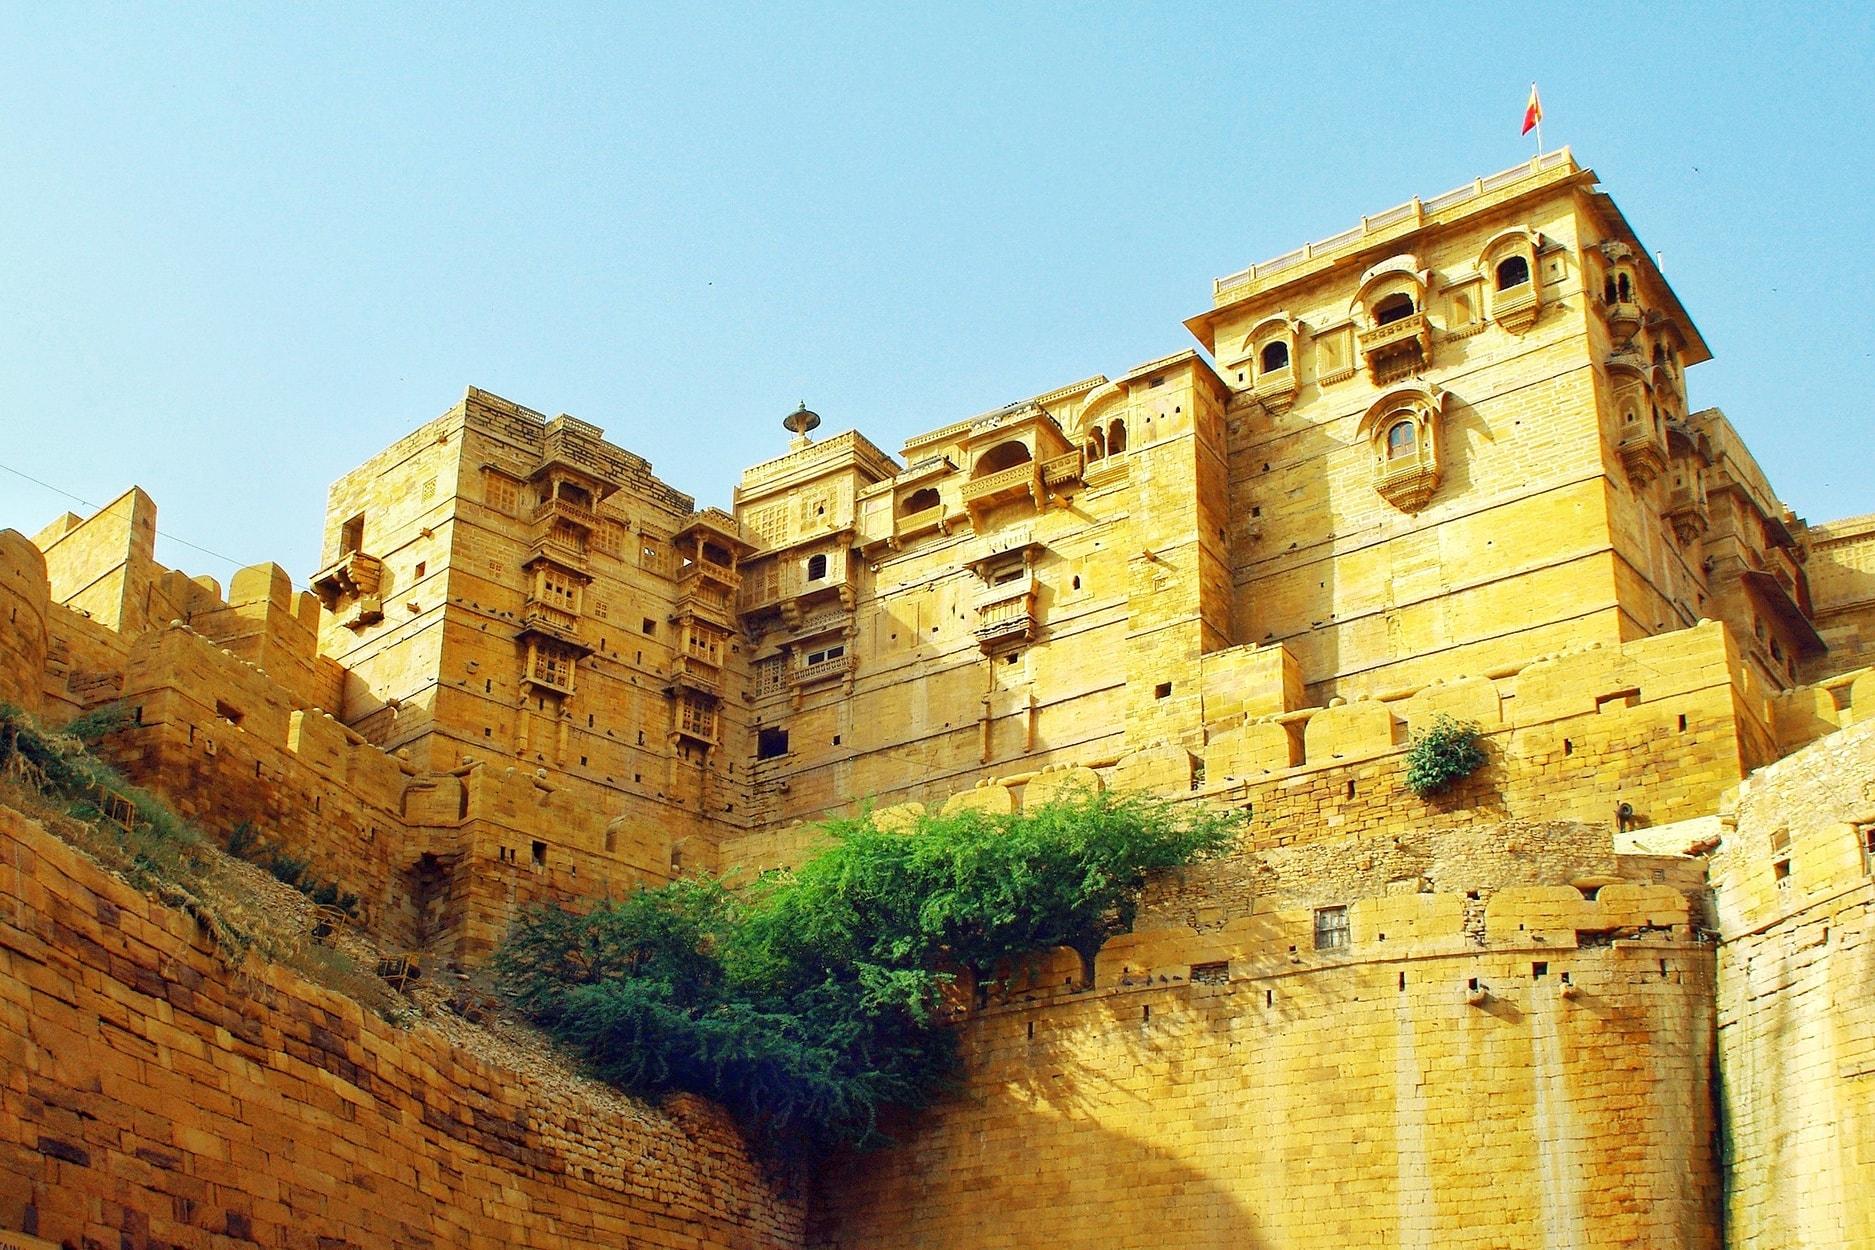 The desert own of Jaisalmer.